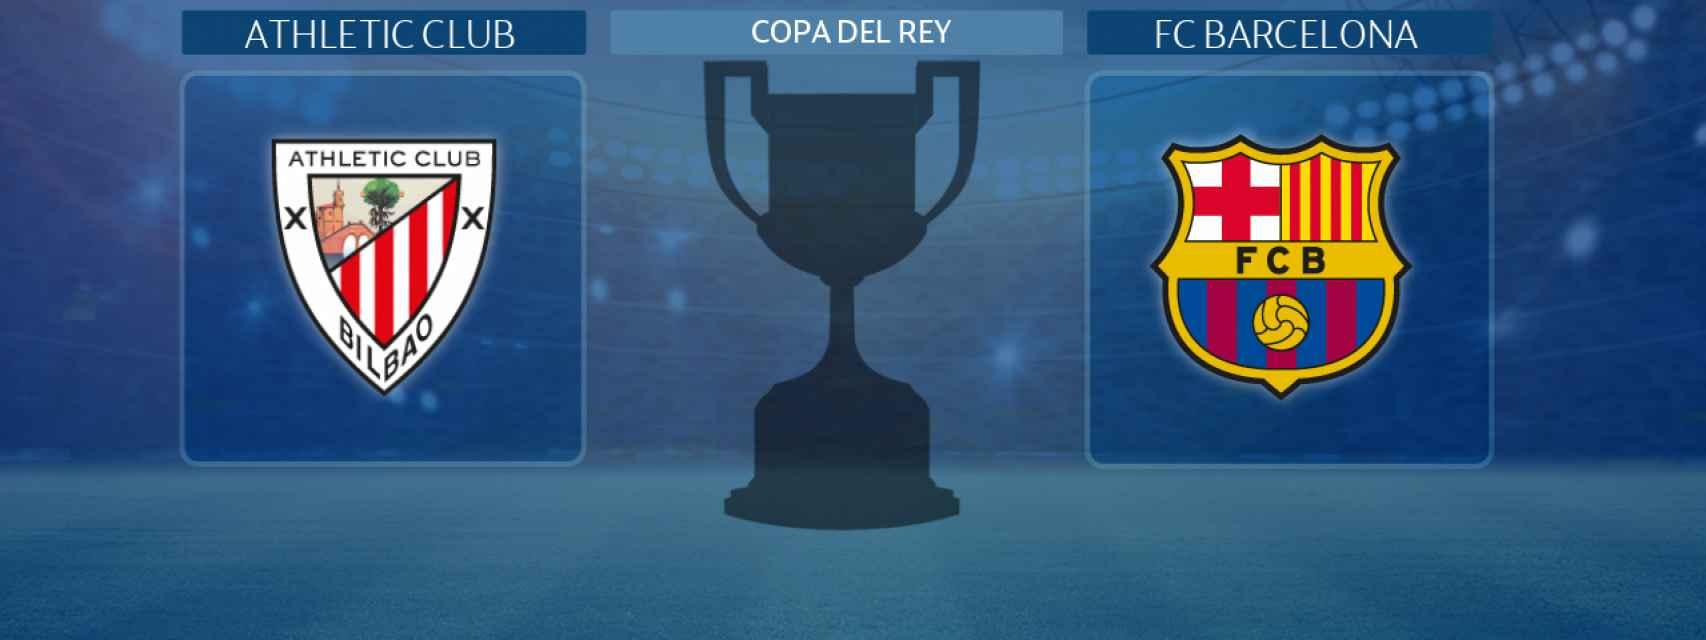 Athletic Club - FC Barcelona, final de la Copa del Rey